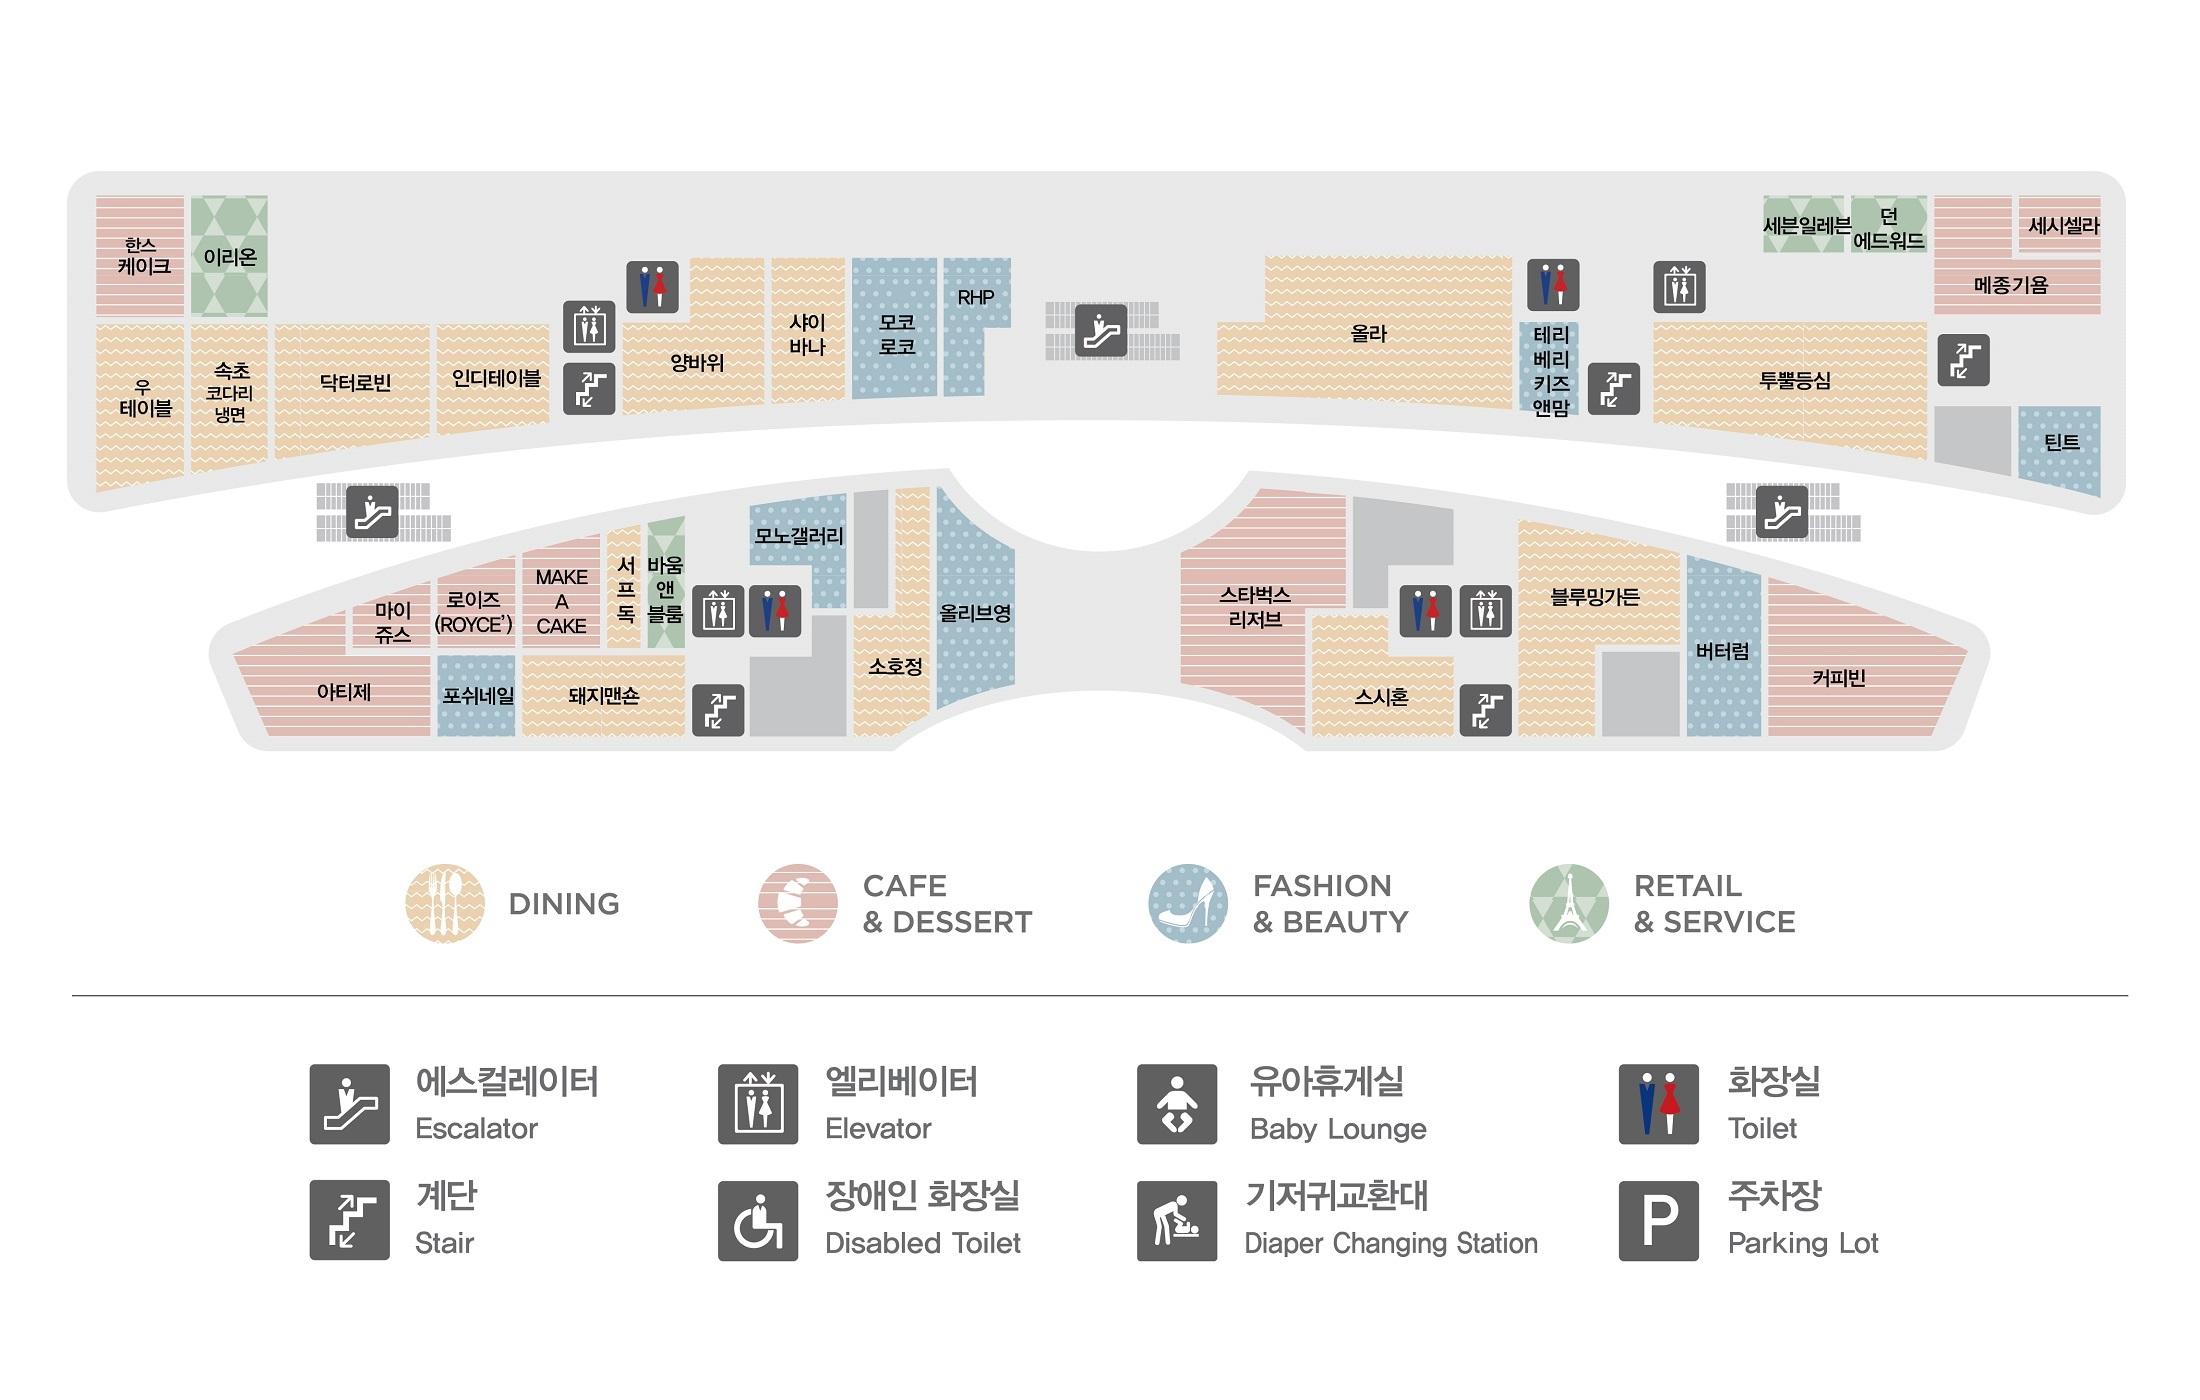 판교점 1층 매장 지도입니다. 1층에는 한스케이크(카페&디저트), 이리온(리테일&서비스), 우테이블(다이닝),속초코다리냉면(다이닝),닥터로빈(다이닝),인디테이블(다이닝),양바위(다이닝),샤이바나(다이닝),모코로코(패션&뷰티),RHP(패션&뷰티),올라(다이닝), 테리베리키즈앤맘(패션&뷰티), 세븐일레븐(리테일&서비스),던에드워드 페인트(리테일&서비스), 메종기욤(카페&디저트), 세시셀라(카페&디저트),투뿔등심(다이닝),틴트(패션&뷰티),마이쥬스(카페&디저트),로이즈 초콜릿(카페&디저트),메이크어케이크(카페&디저트),서프독(다이닝),바움앤블룸(리테일&서비스), 모노갤러리(패션&뷰티), 포쉬네일(패션&뷰티),돼지맨숀(다이닝),소호정(다이닝),올리브영(패션&뷰티),아티제(카페&디저트), 블루밍가든(다이닝), 버터럼(패션&뷰티), 커피빈(카페&디저트), 스시혼(다이닝), 스타벅스 리저즈(카페&디저트) 총 34개 매장이 입점해있습니다. 또한 화장실 총 4개, 에스컬레이터, 엘레베이터, 비상계단이 있습니다. 화장실과 엘레베이터는 양바위, 투뿔등심, 바움앤블룸, 제이헬렌 매장 옆에 있습니다.